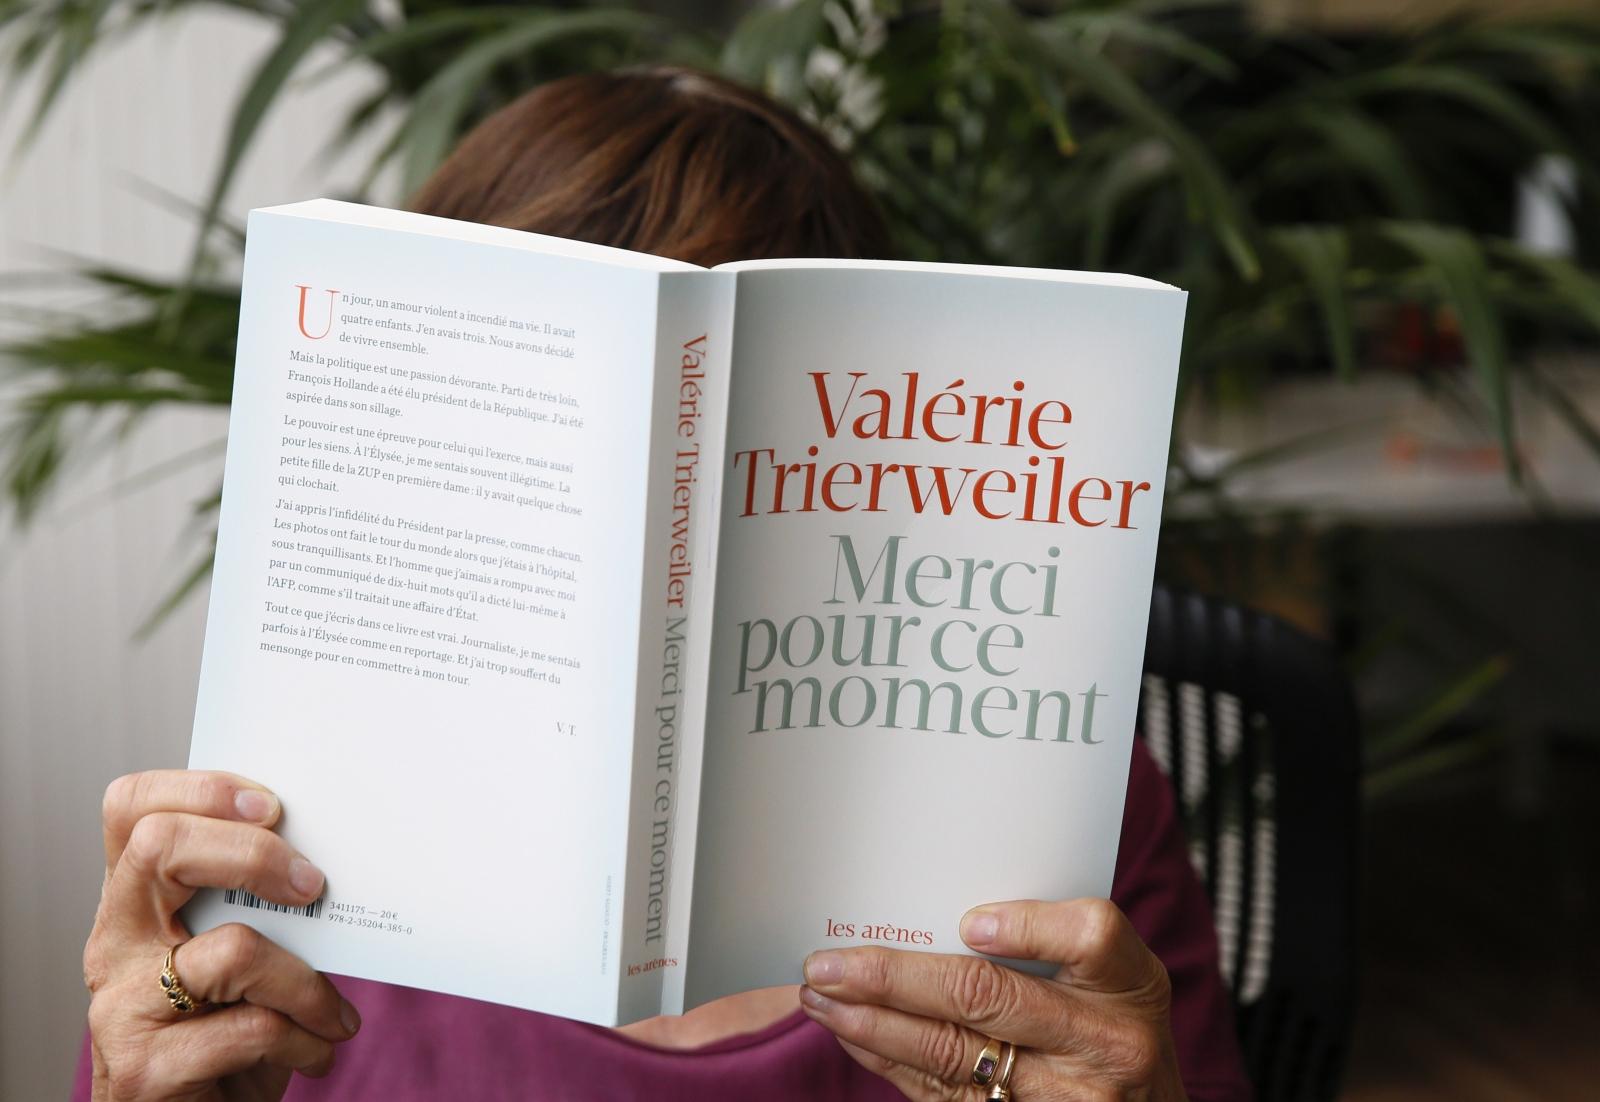 Valerie Trierweiler Merci Pour Ce Moment